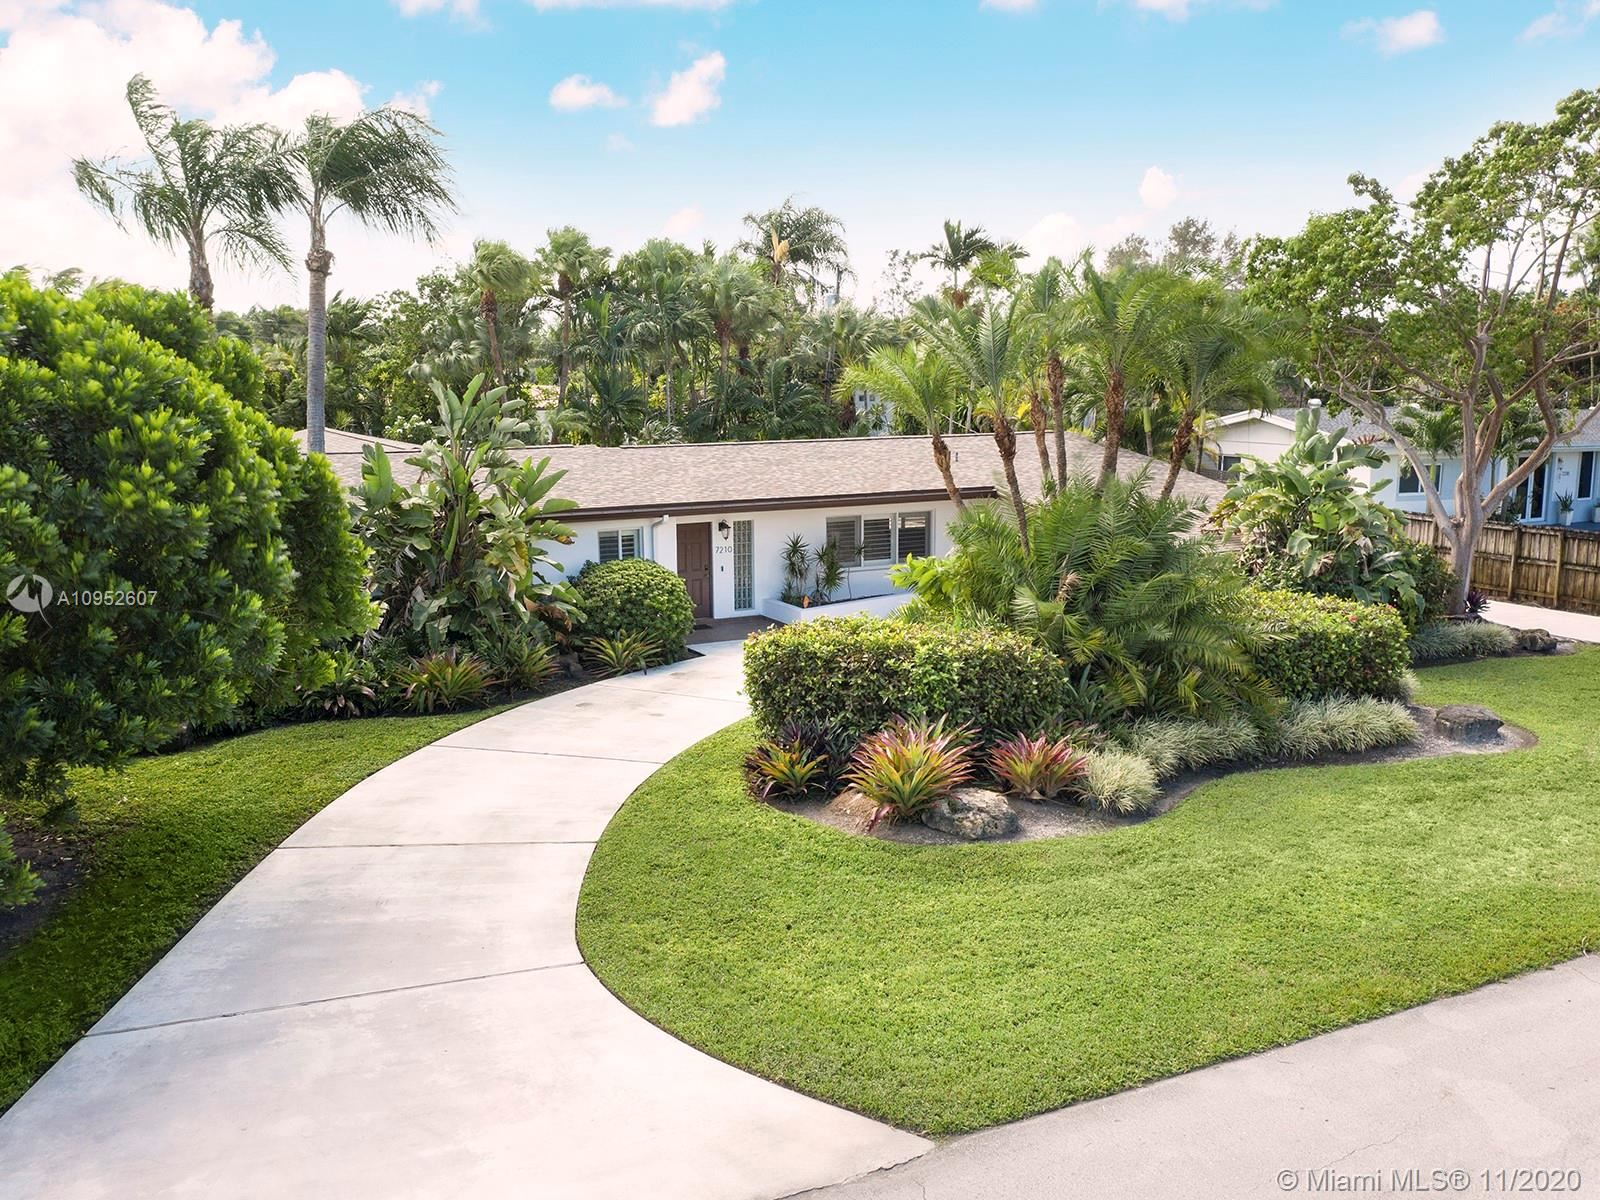 7210 SW 60th St, Miami, FL 33143 - #: A10952607